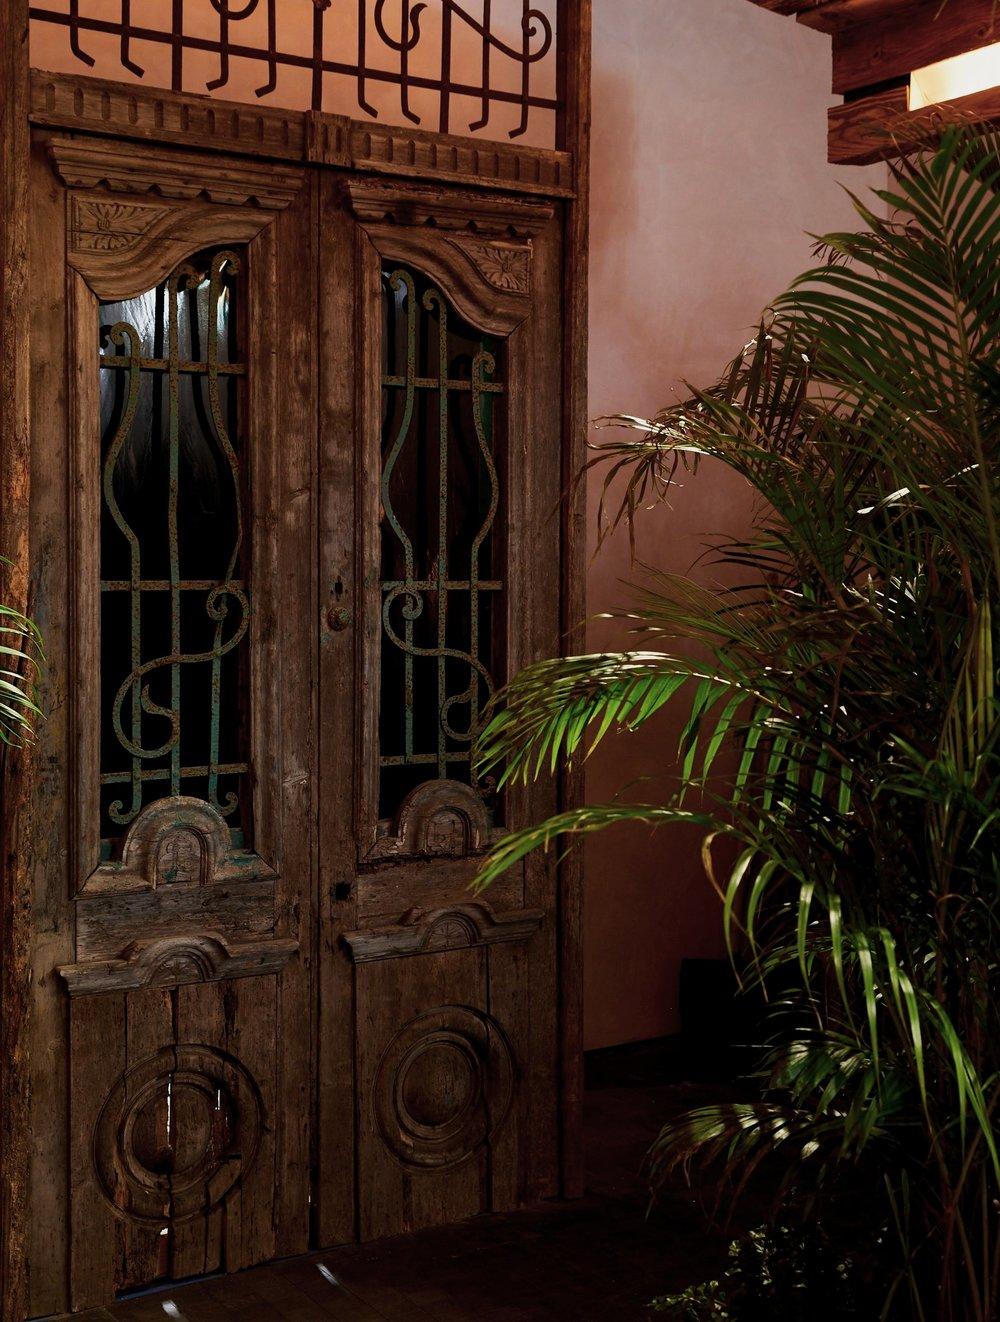 HISTORIC COLONIAL DOOR ARTIFACT.